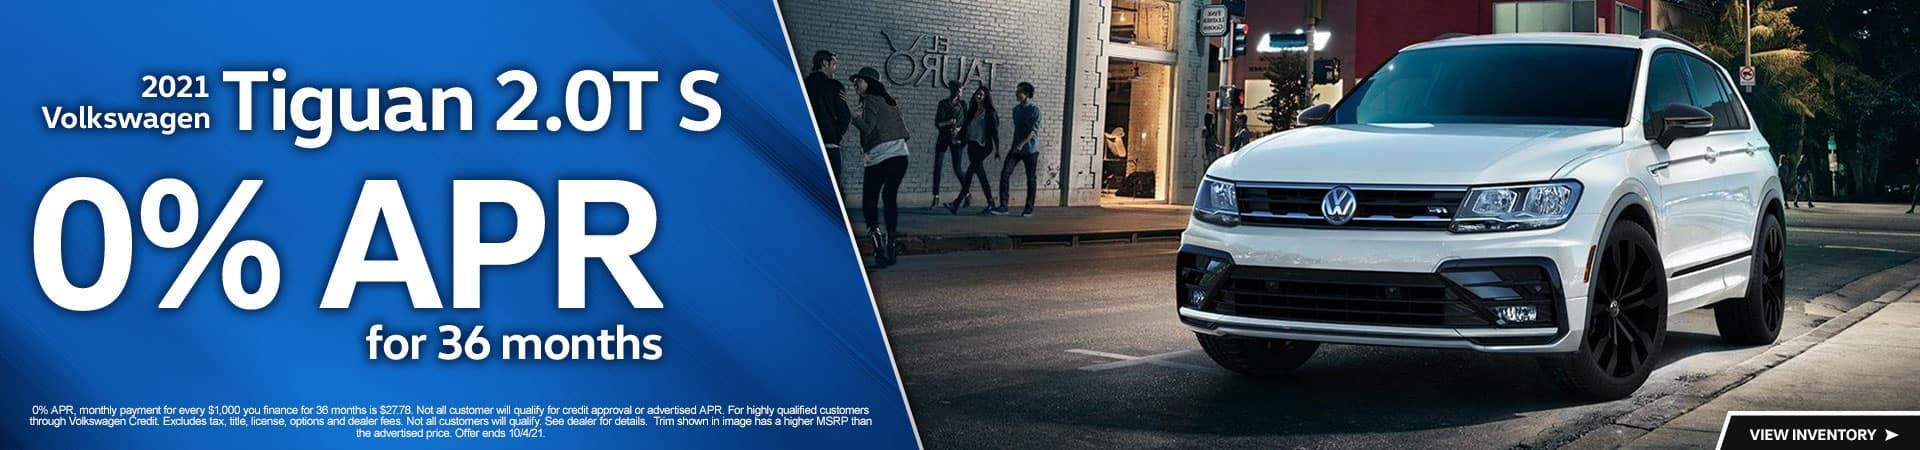 HNVO89340-01-September-Campaign-Slides-tiguan